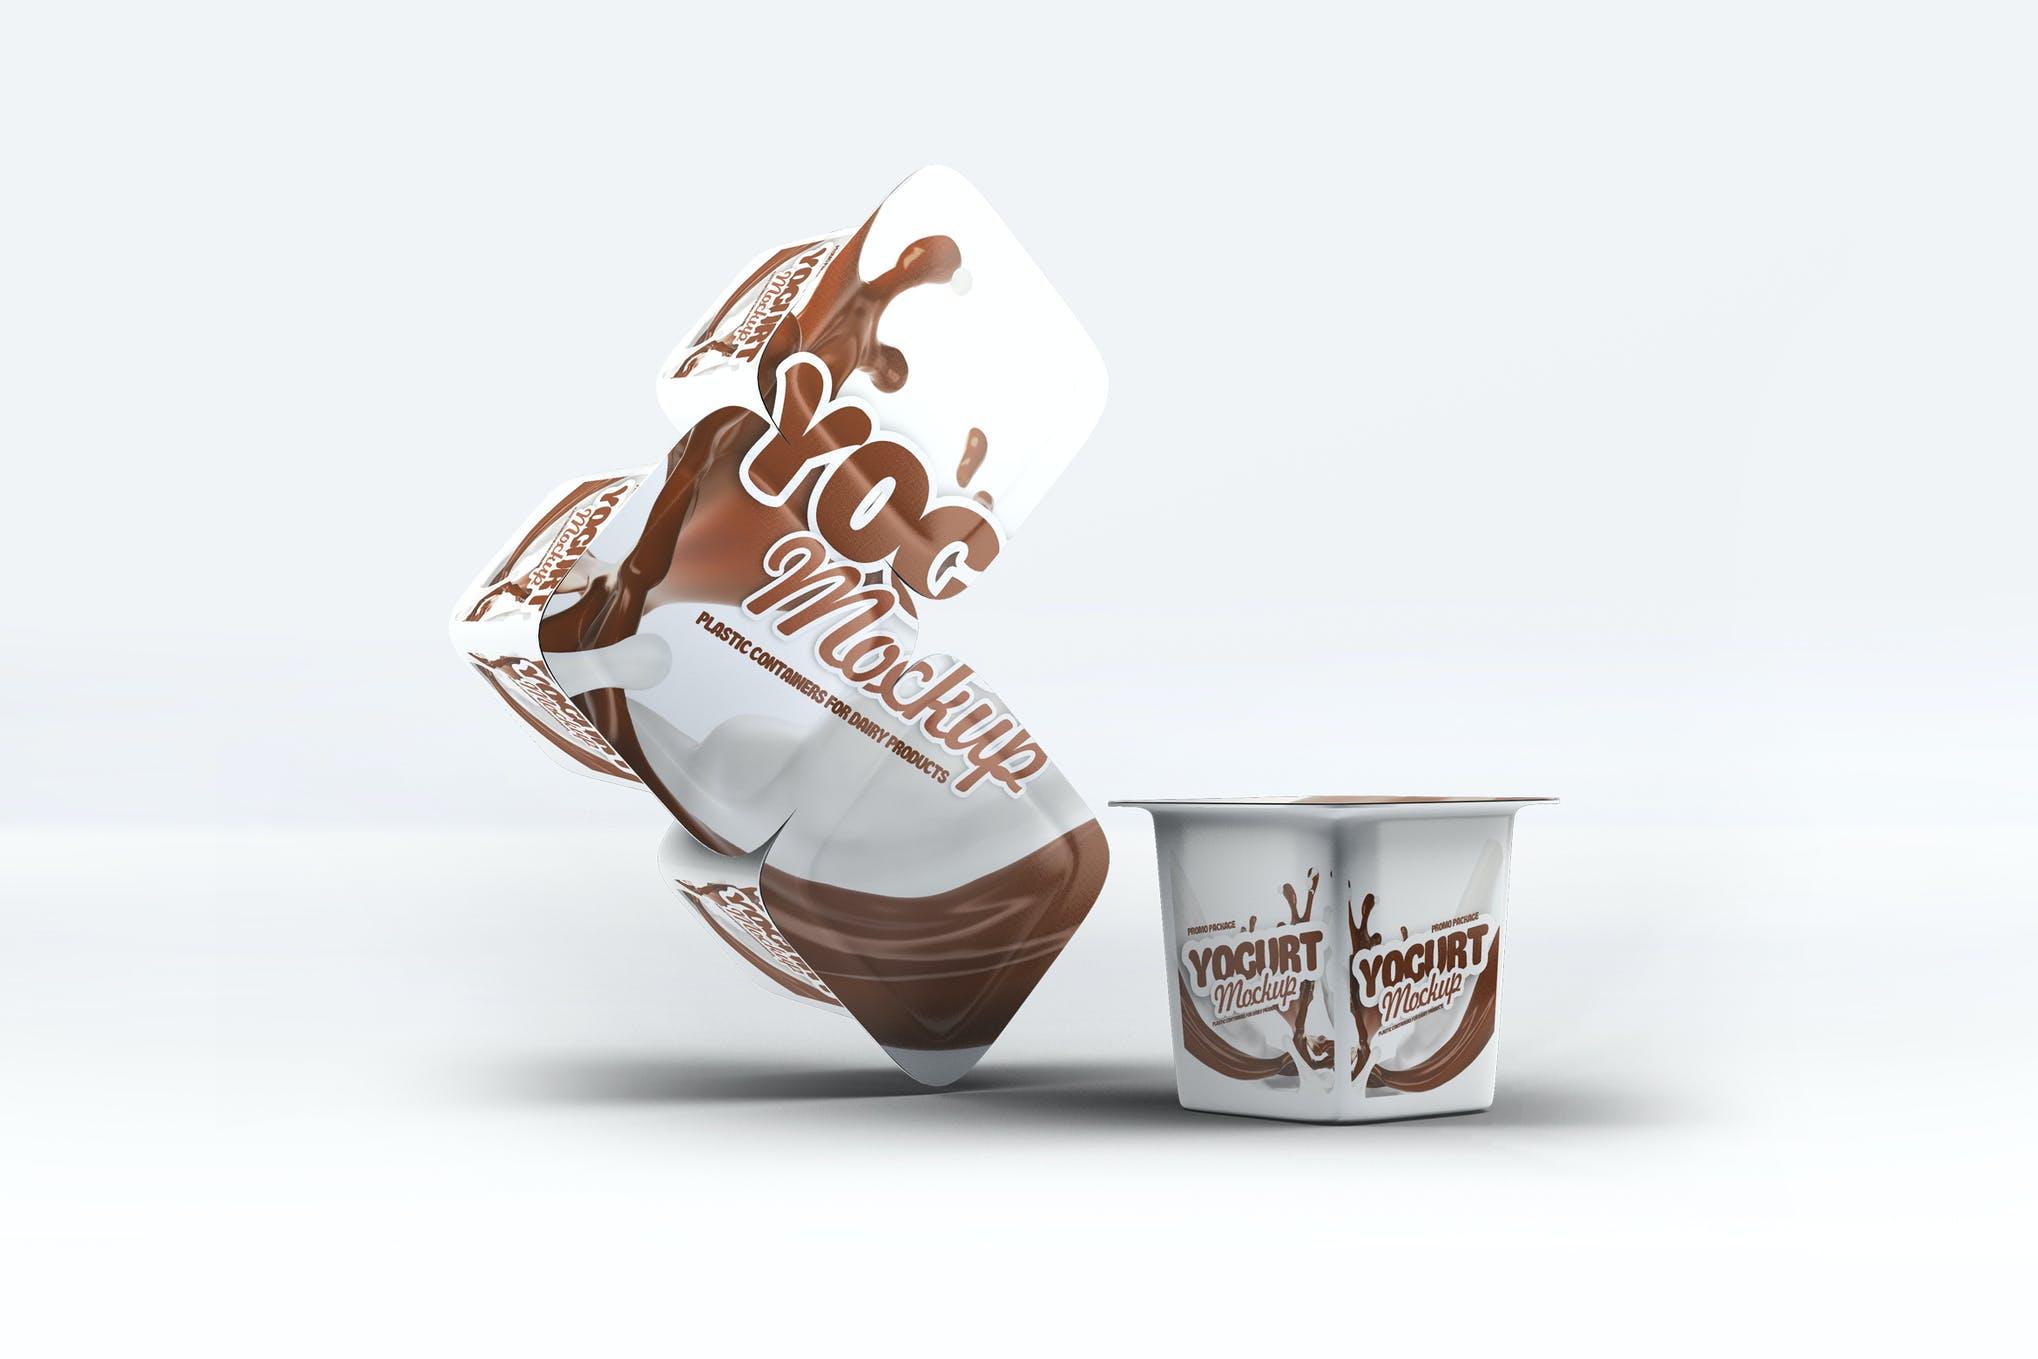 酸奶包装盒样机效果图插图(1)